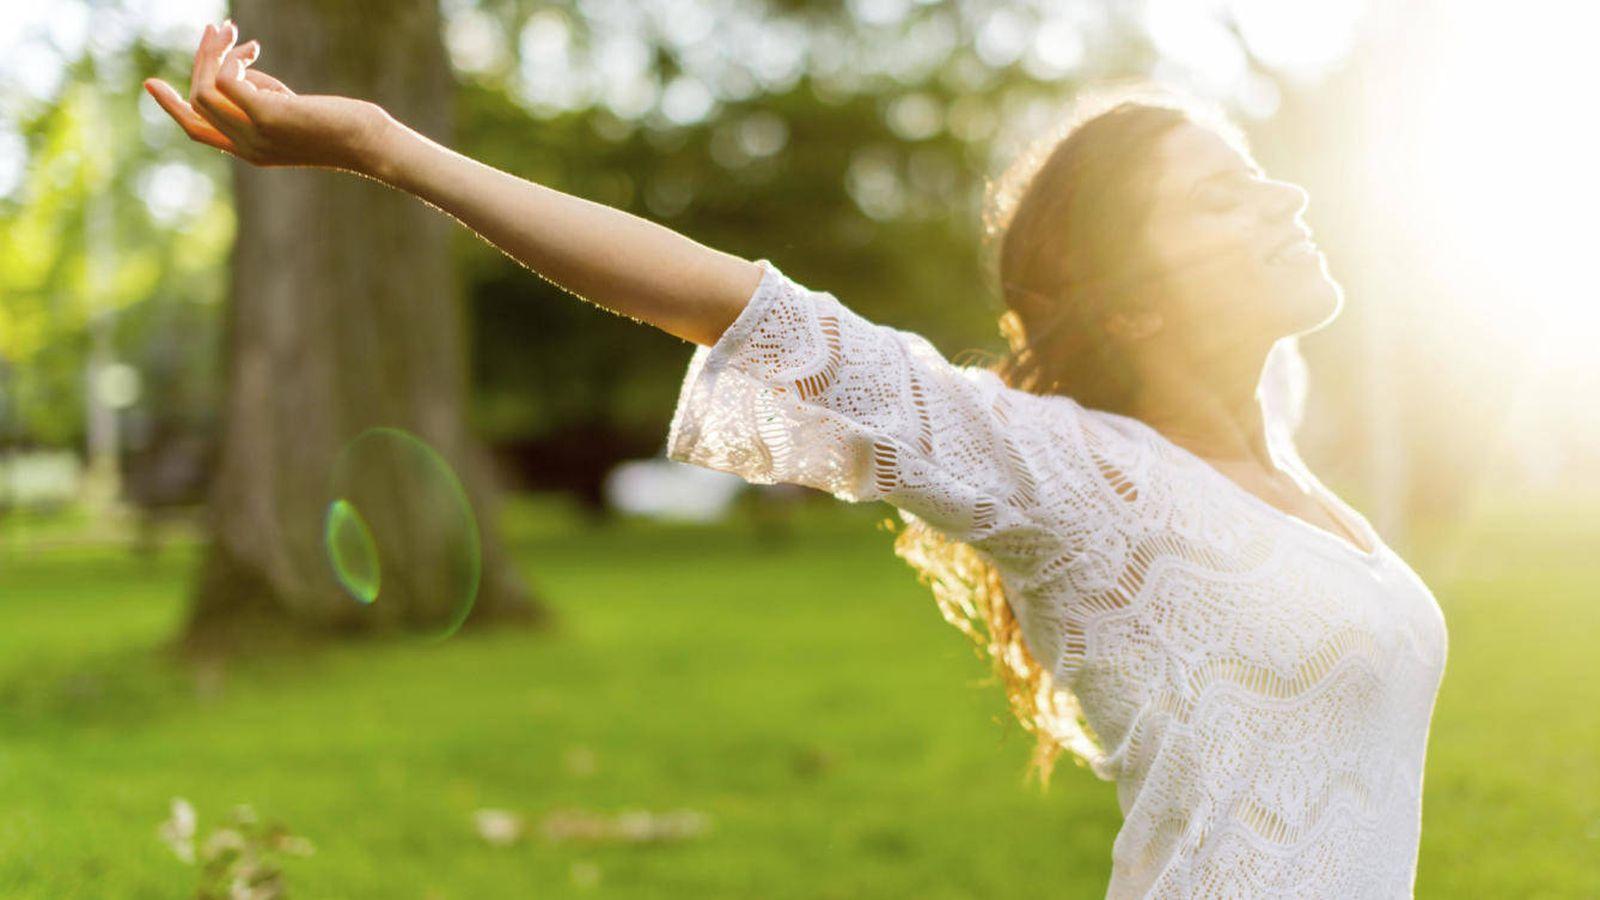 Aprende a respirar de nuevo: las claves para encontrar la base de una vida  más sana